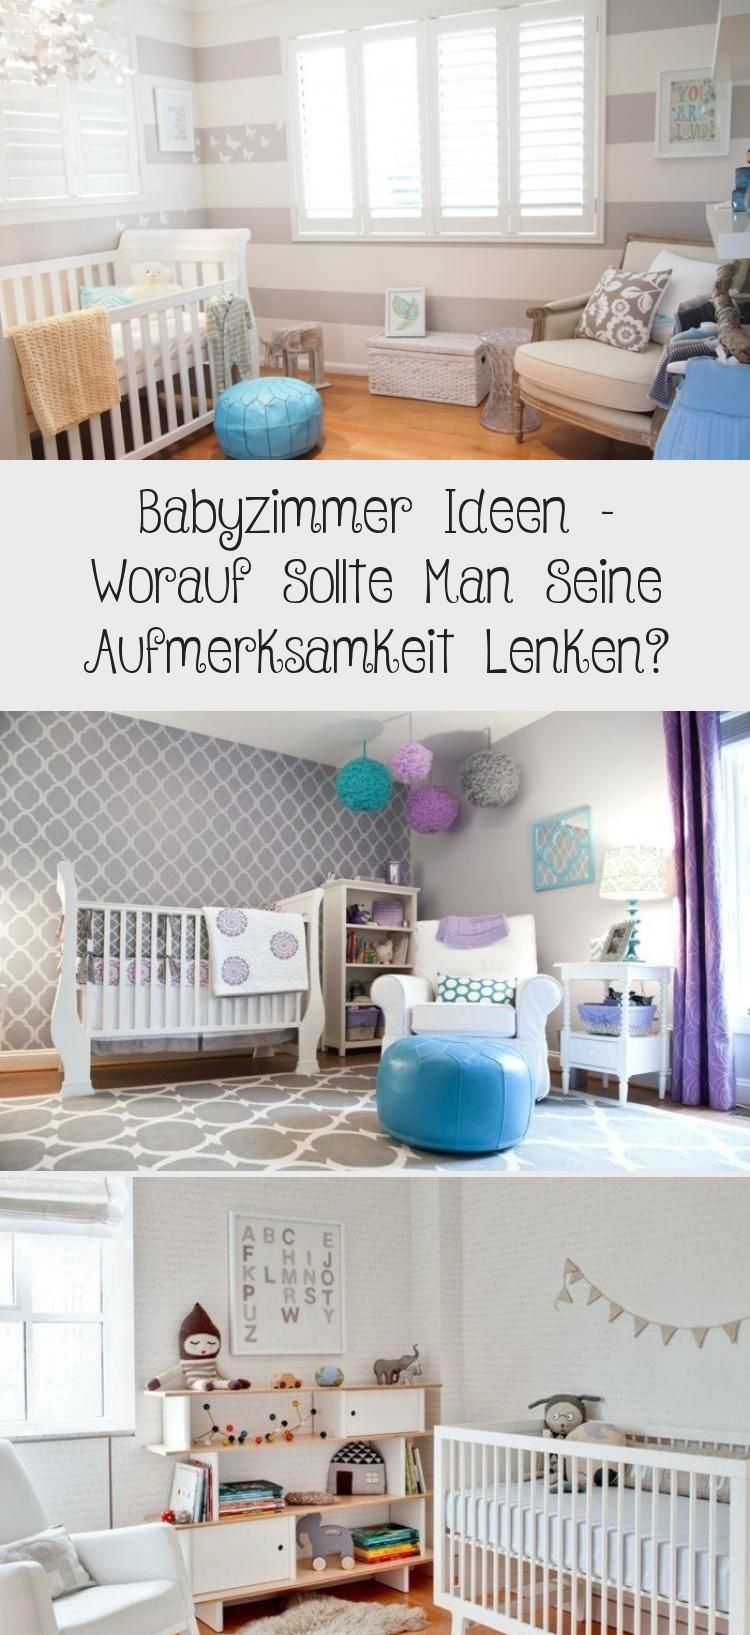 Babyzimmer Ideen Worauf Sollte Man Seine Aufmerksamkeit Lenken